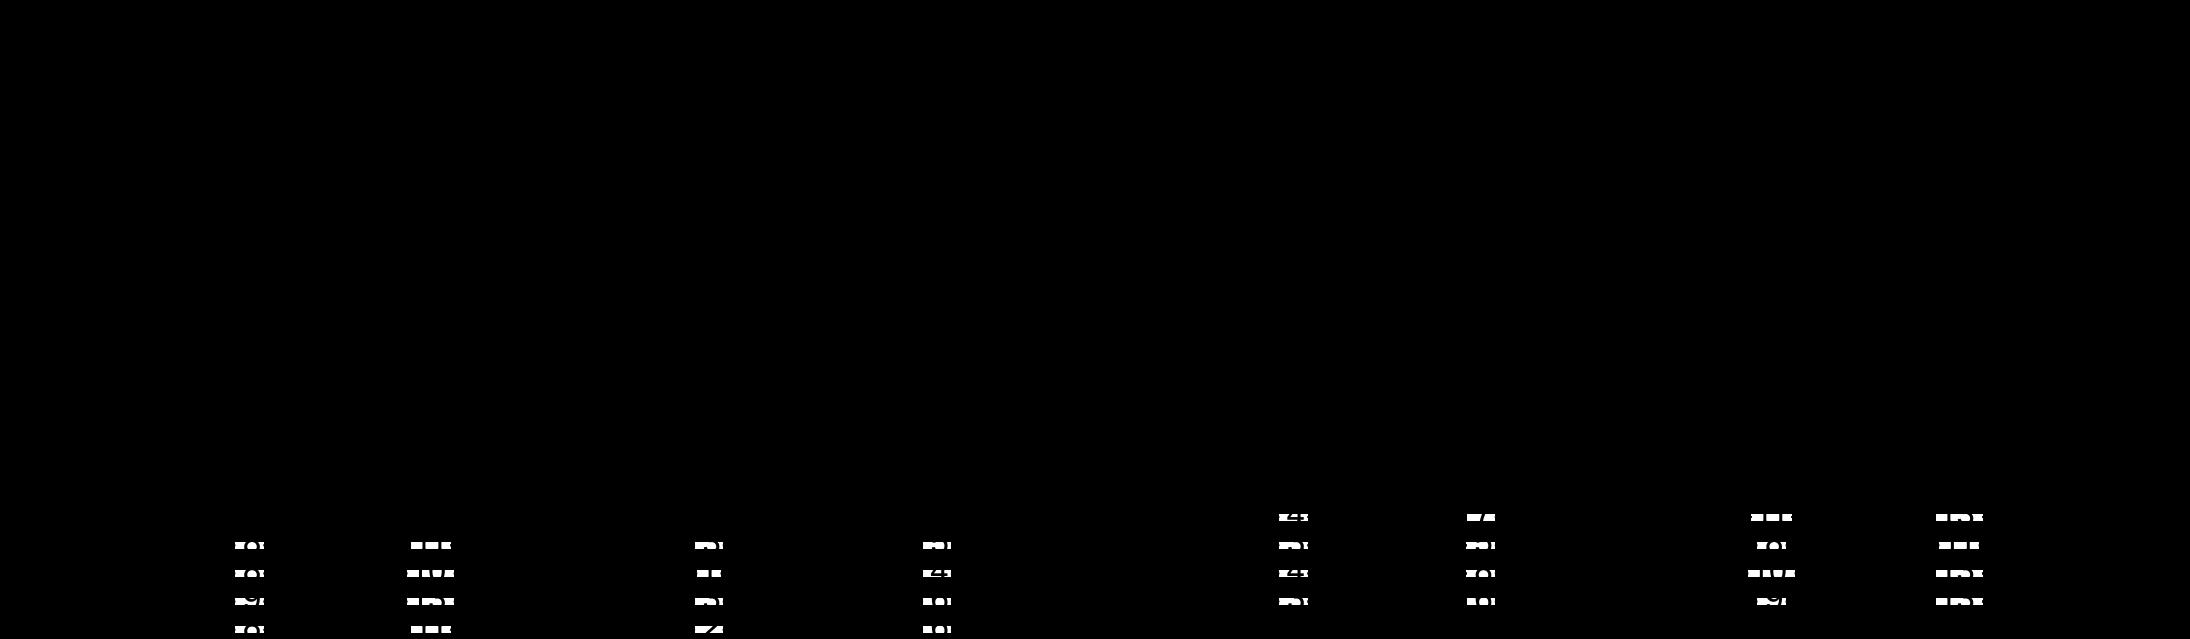 carraher-cmin7b5